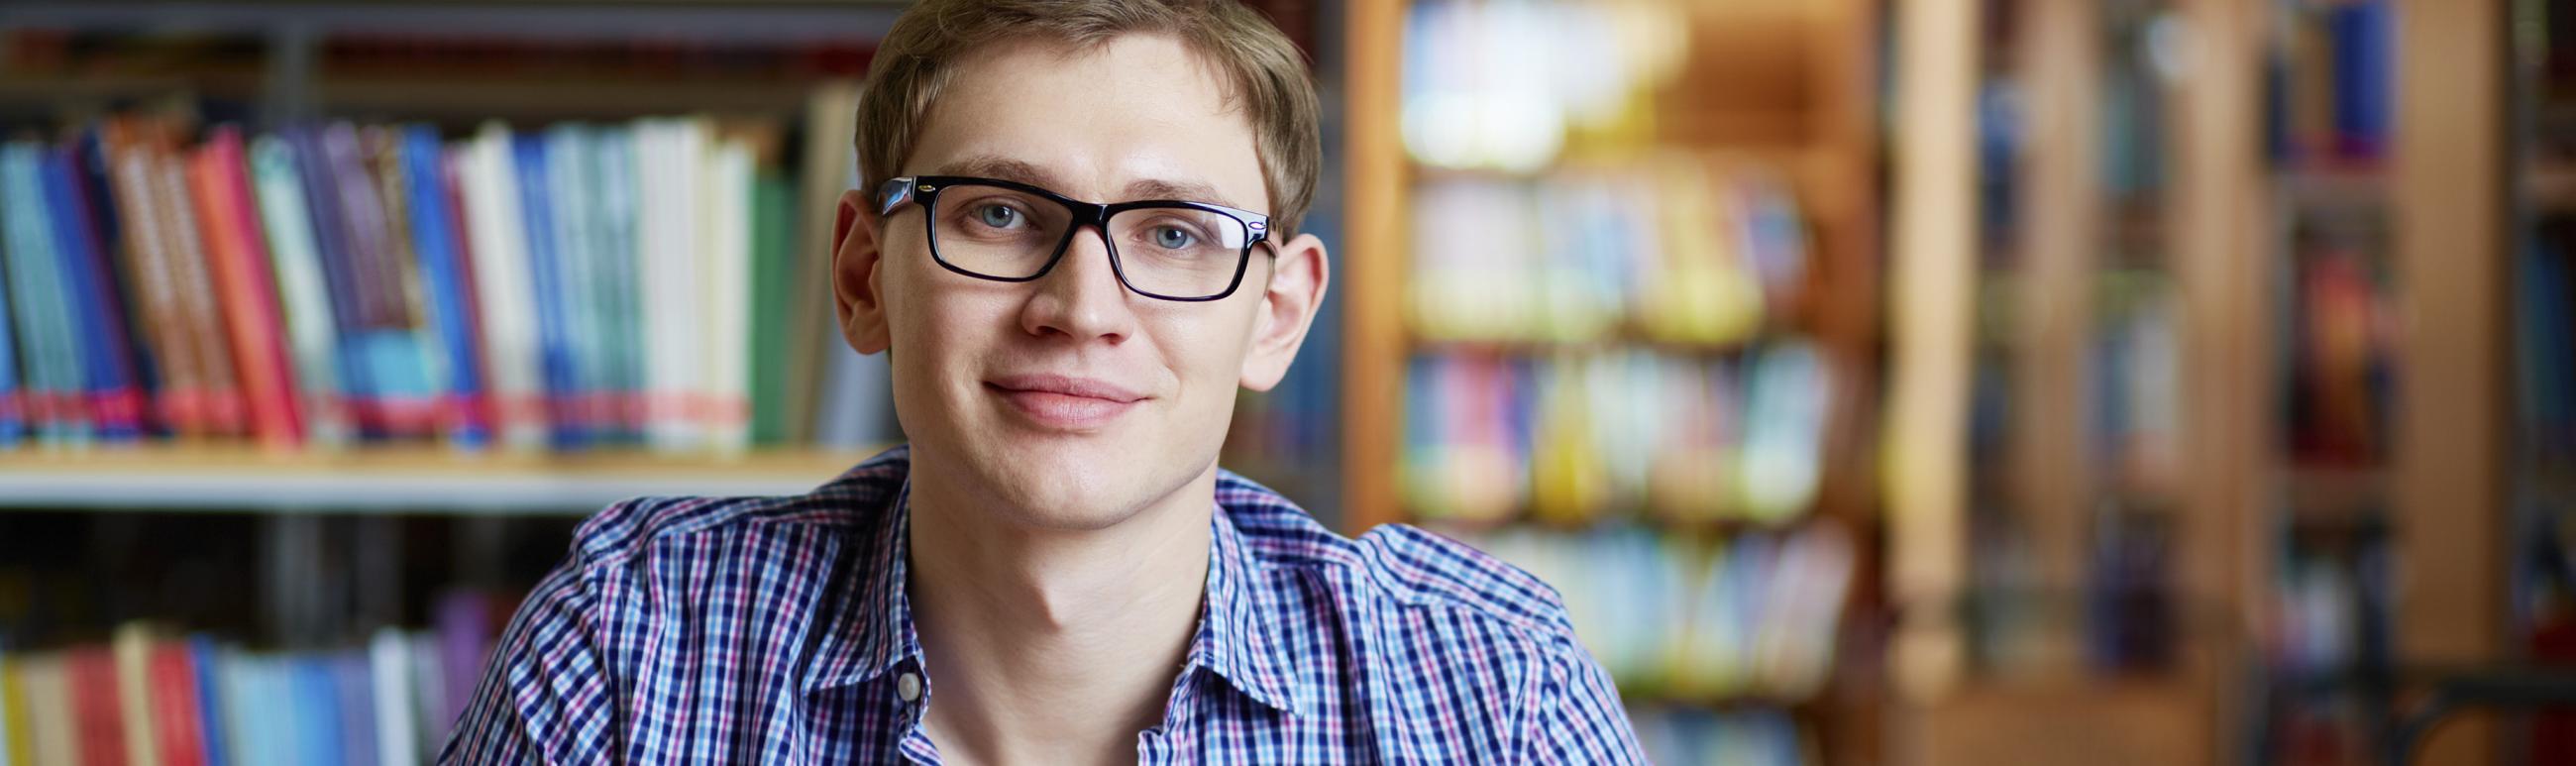 9a583a35597 Saksa keele (ja teise keele) õpetaja | Tallinna Ülikool